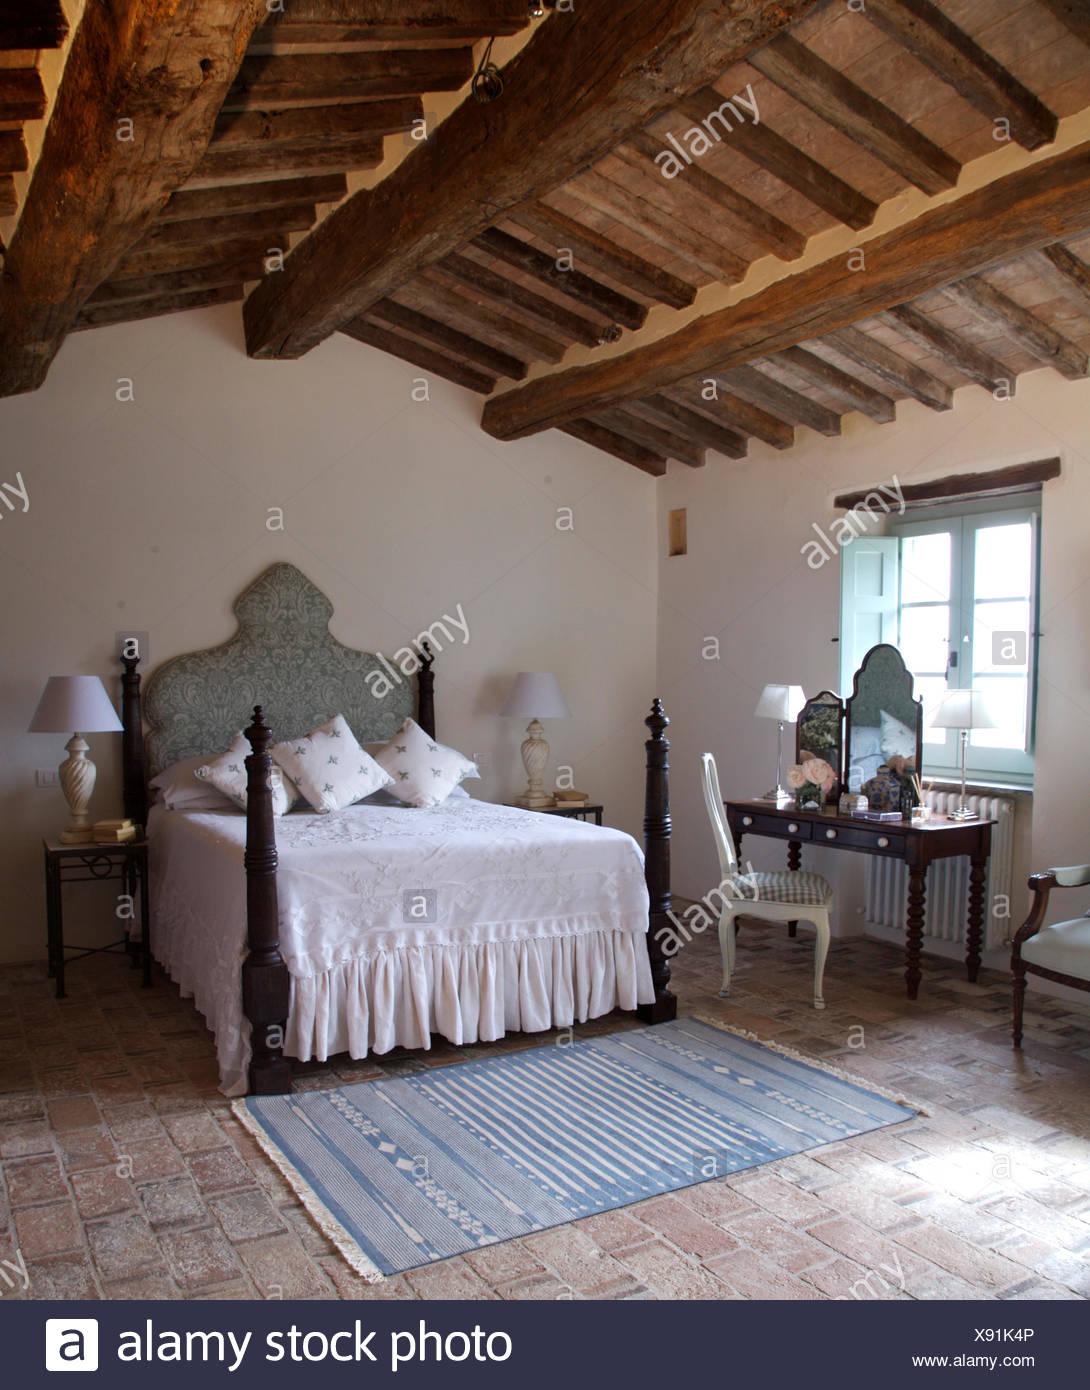 Copriletto bianco sul letto con mandrini girato nel paese for Soffitto travi a vista bianco